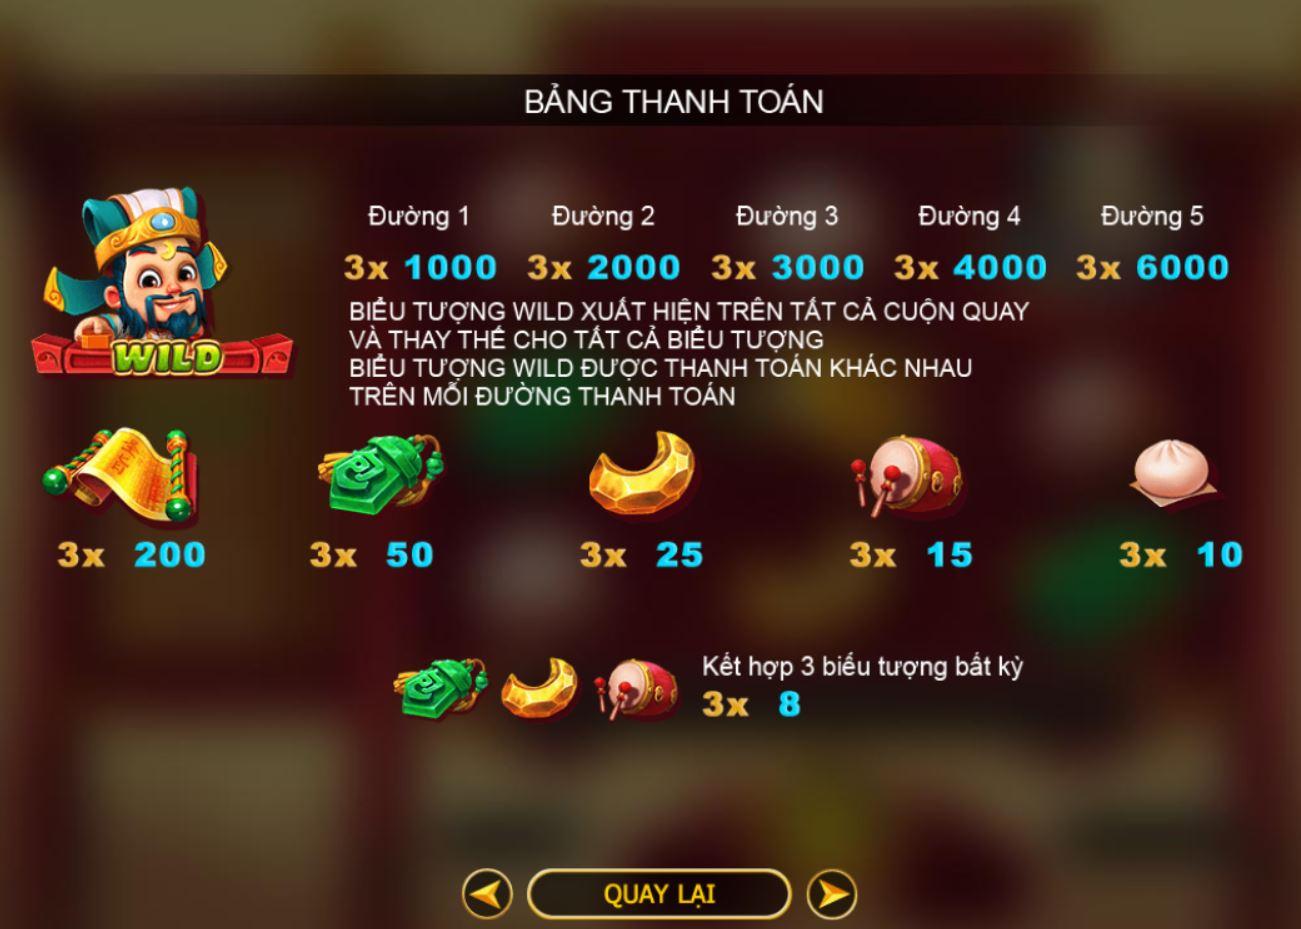 Cấc biểu tượng xuất hiện trong game và tỉ lệ thanh toán tương ứng